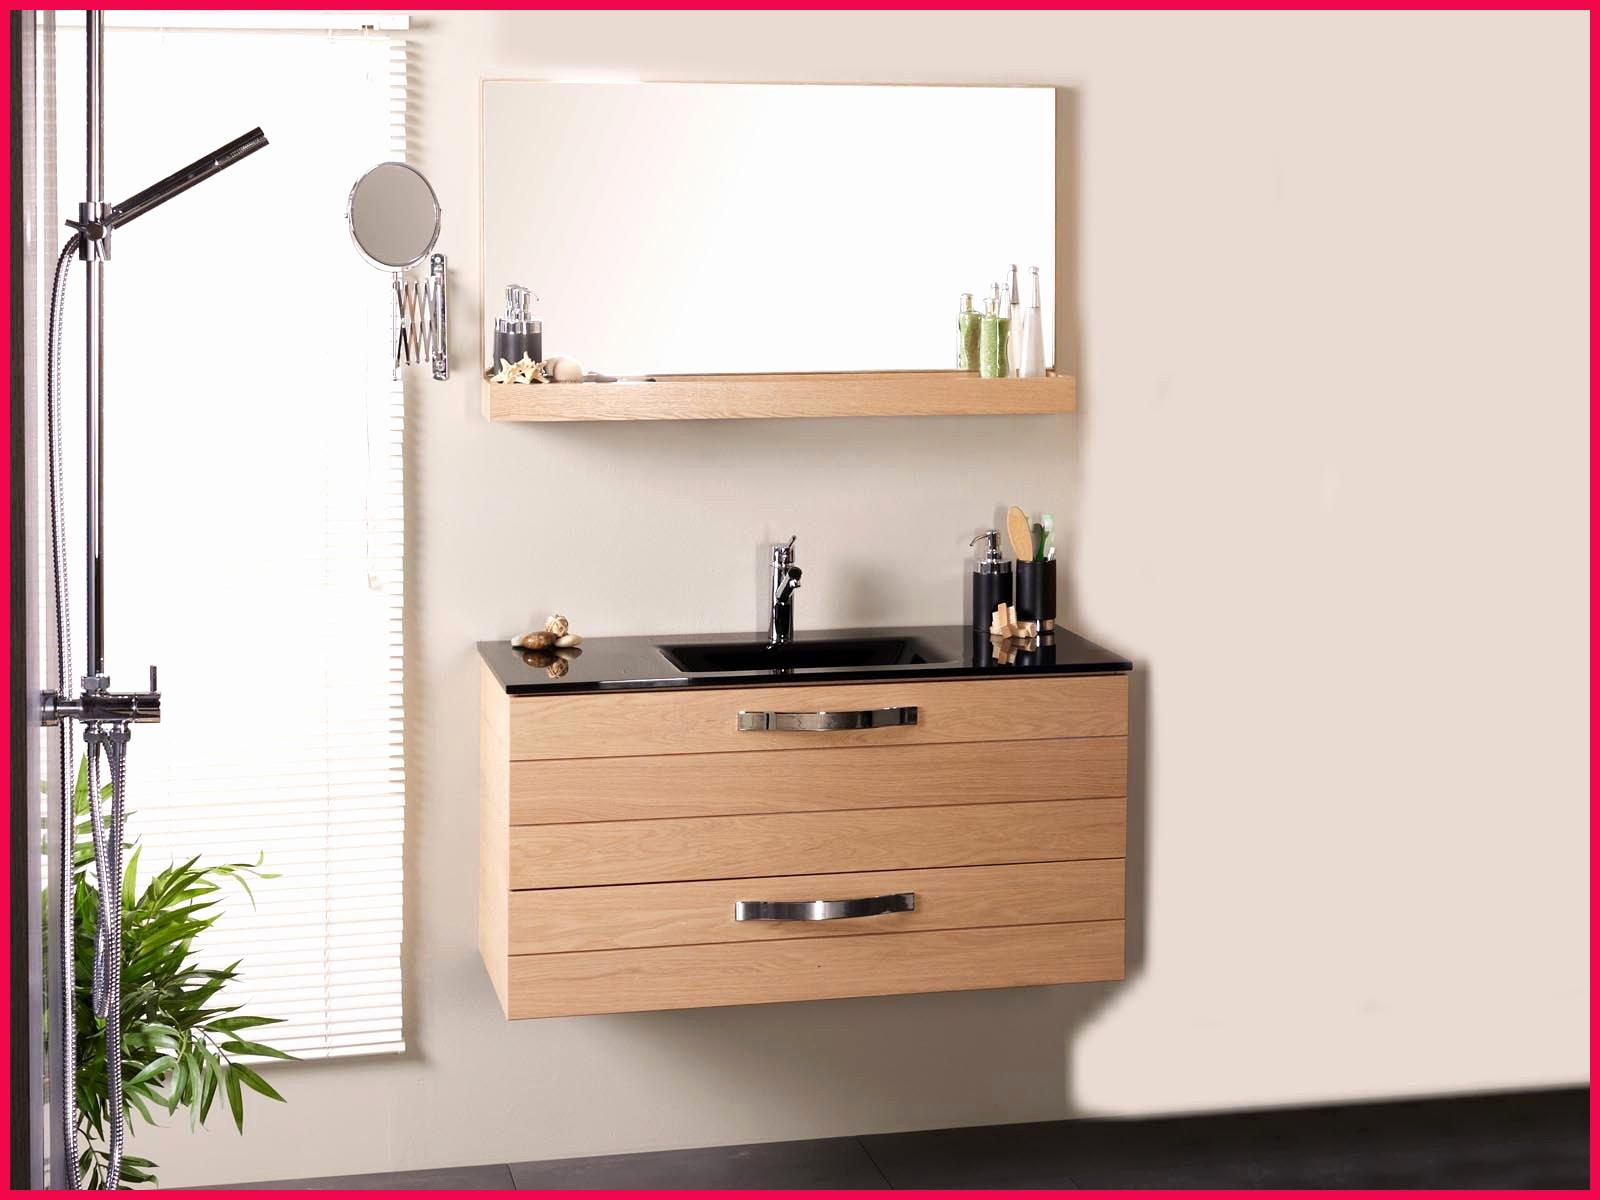 66 beau photographie de meuble lavabo salle de bain brico. Black Bedroom Furniture Sets. Home Design Ideas